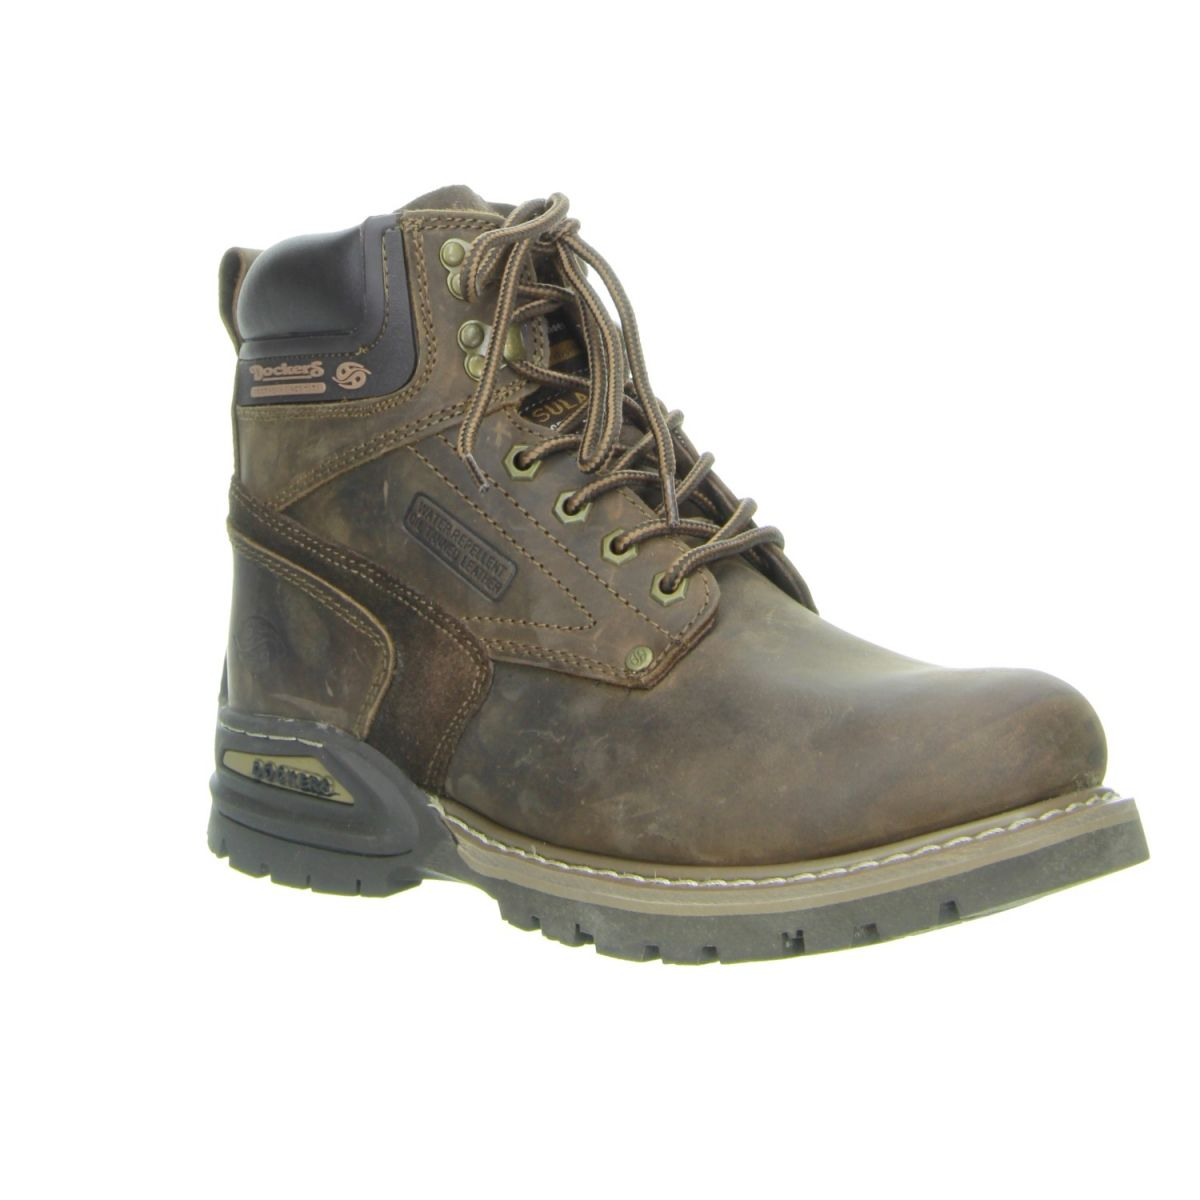 low priced 7b2ba 37b39 Schicke Schuhe für kalte Tage gesucht? Dann sind diese Kelly ...